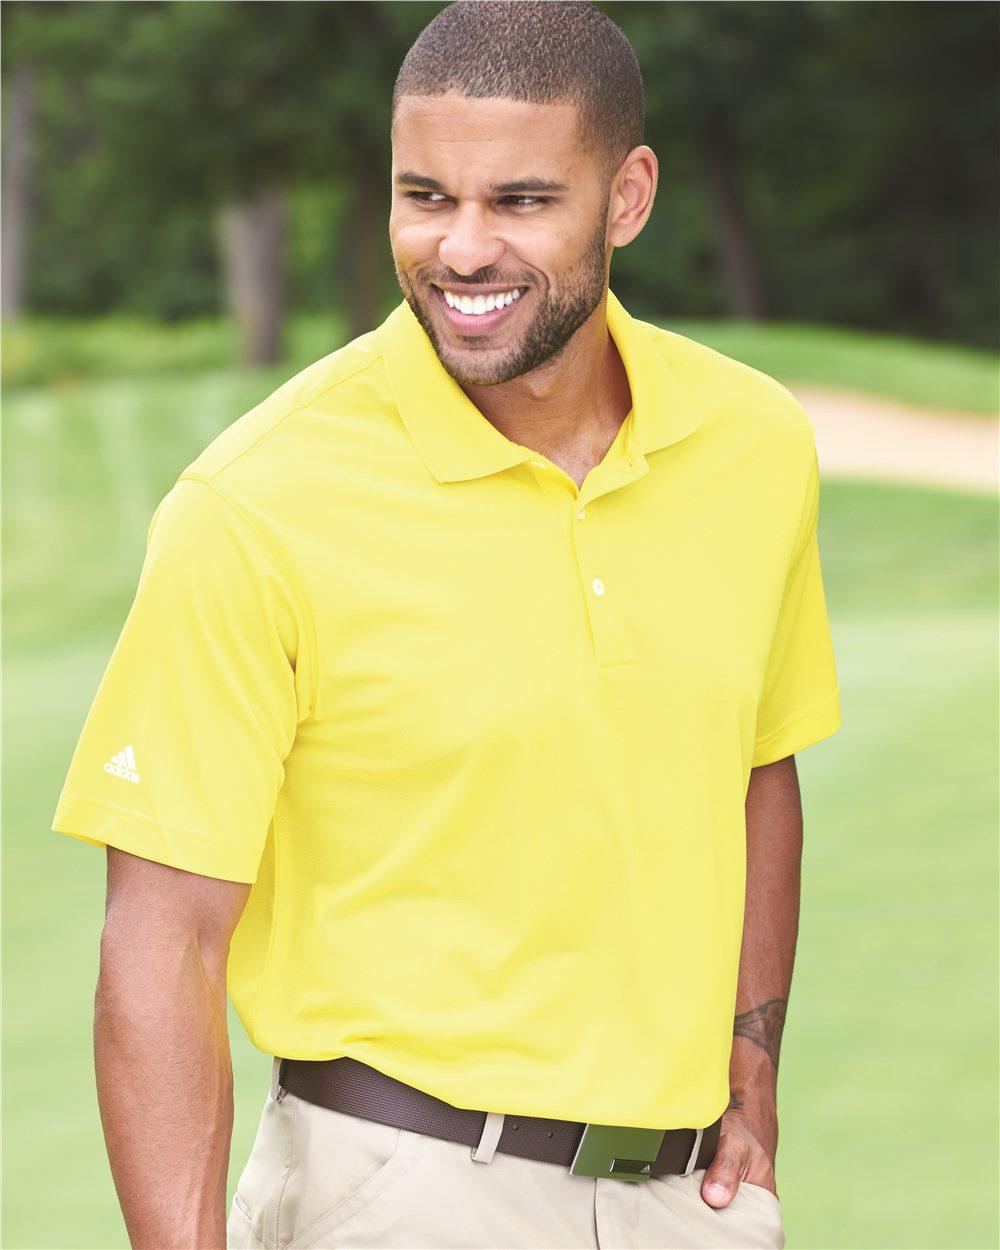 Adidas A130 - Men's Basic Sport Shirt